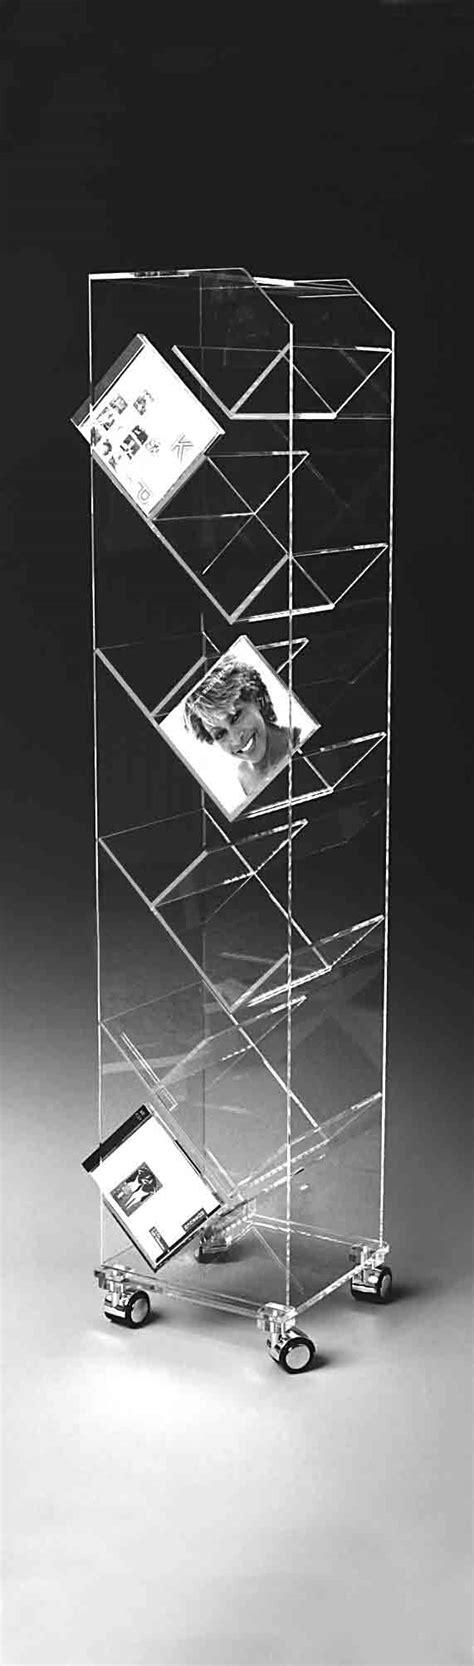 Cd Ständer Drehbar by Plexiglasverarbeitung